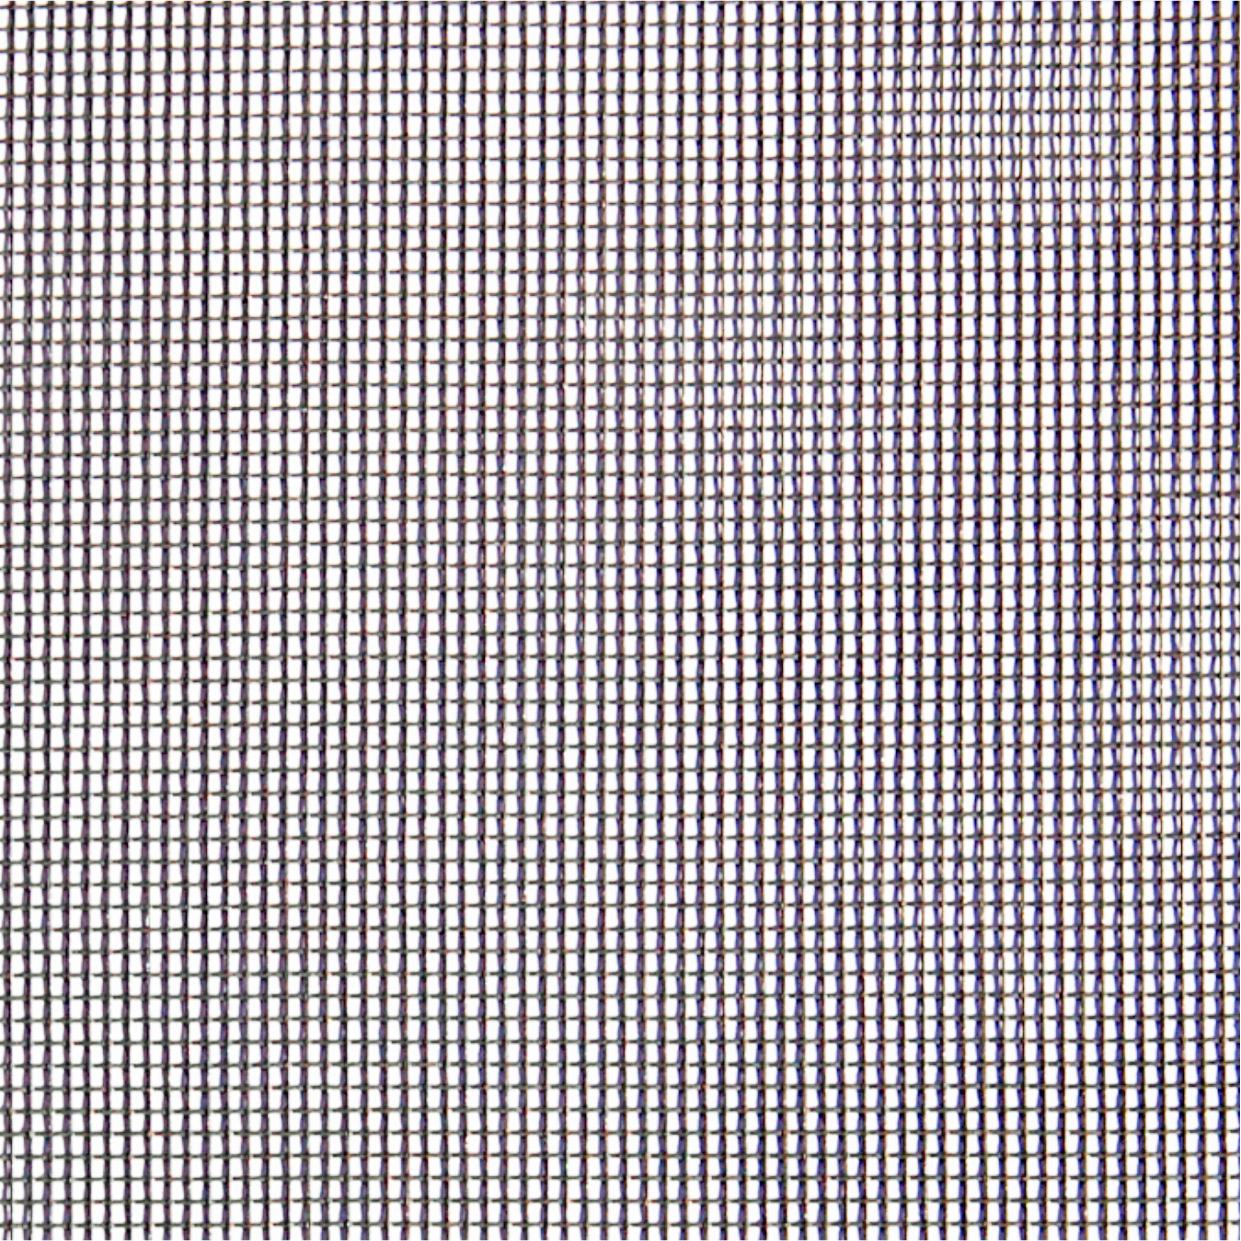 Fiberglasgewebe 18x16.011 GRAU